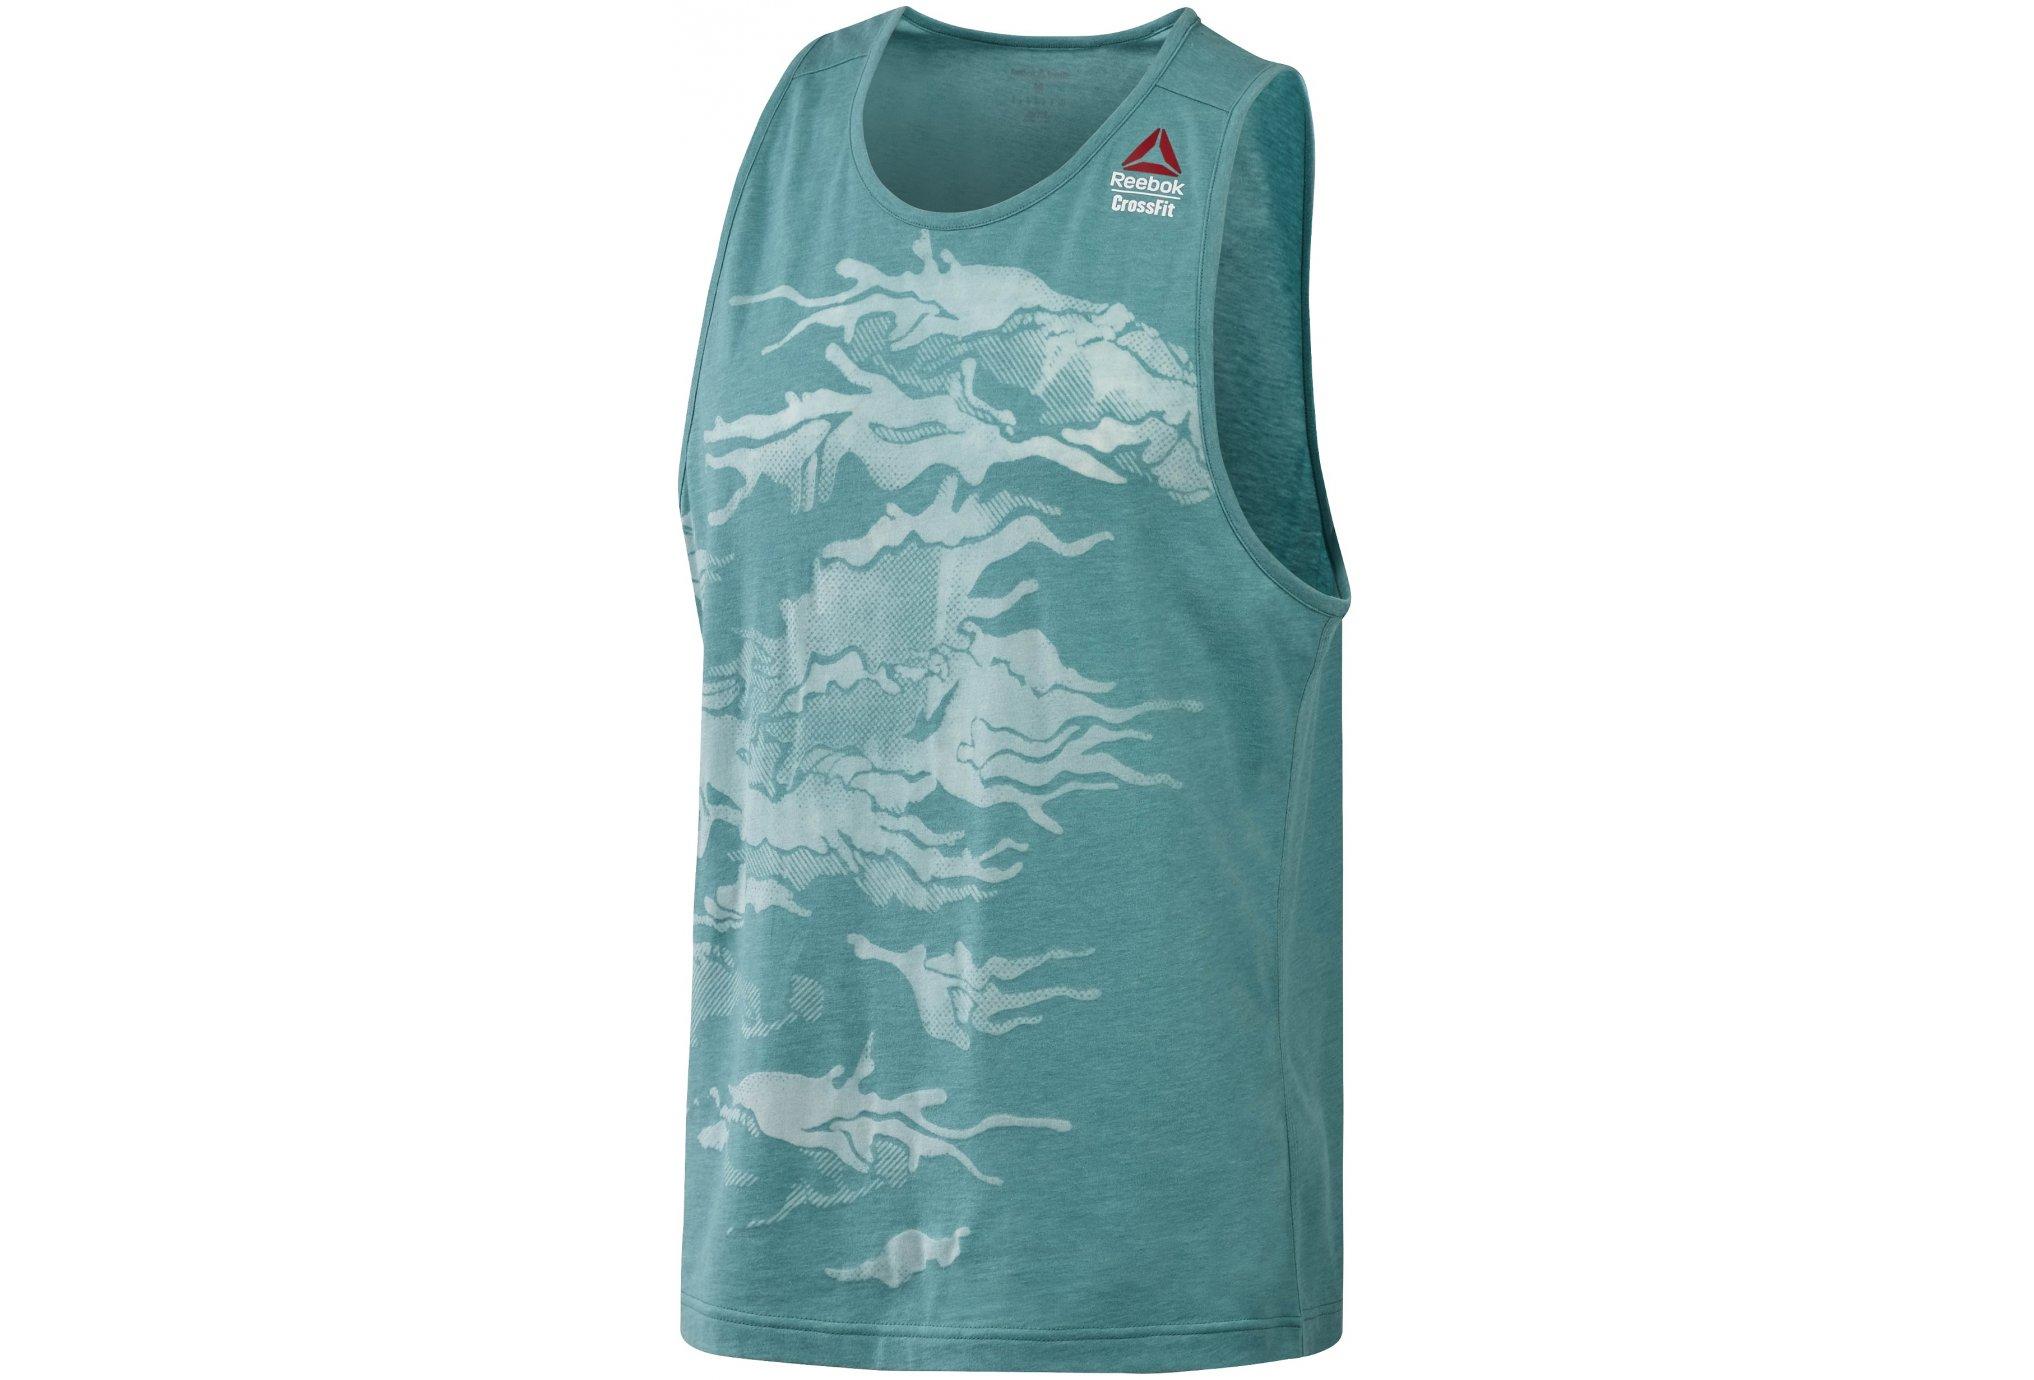 Nature Crossfit M Course La Vêtement Reebok Burnout Lupeenne vy8ONwmn0